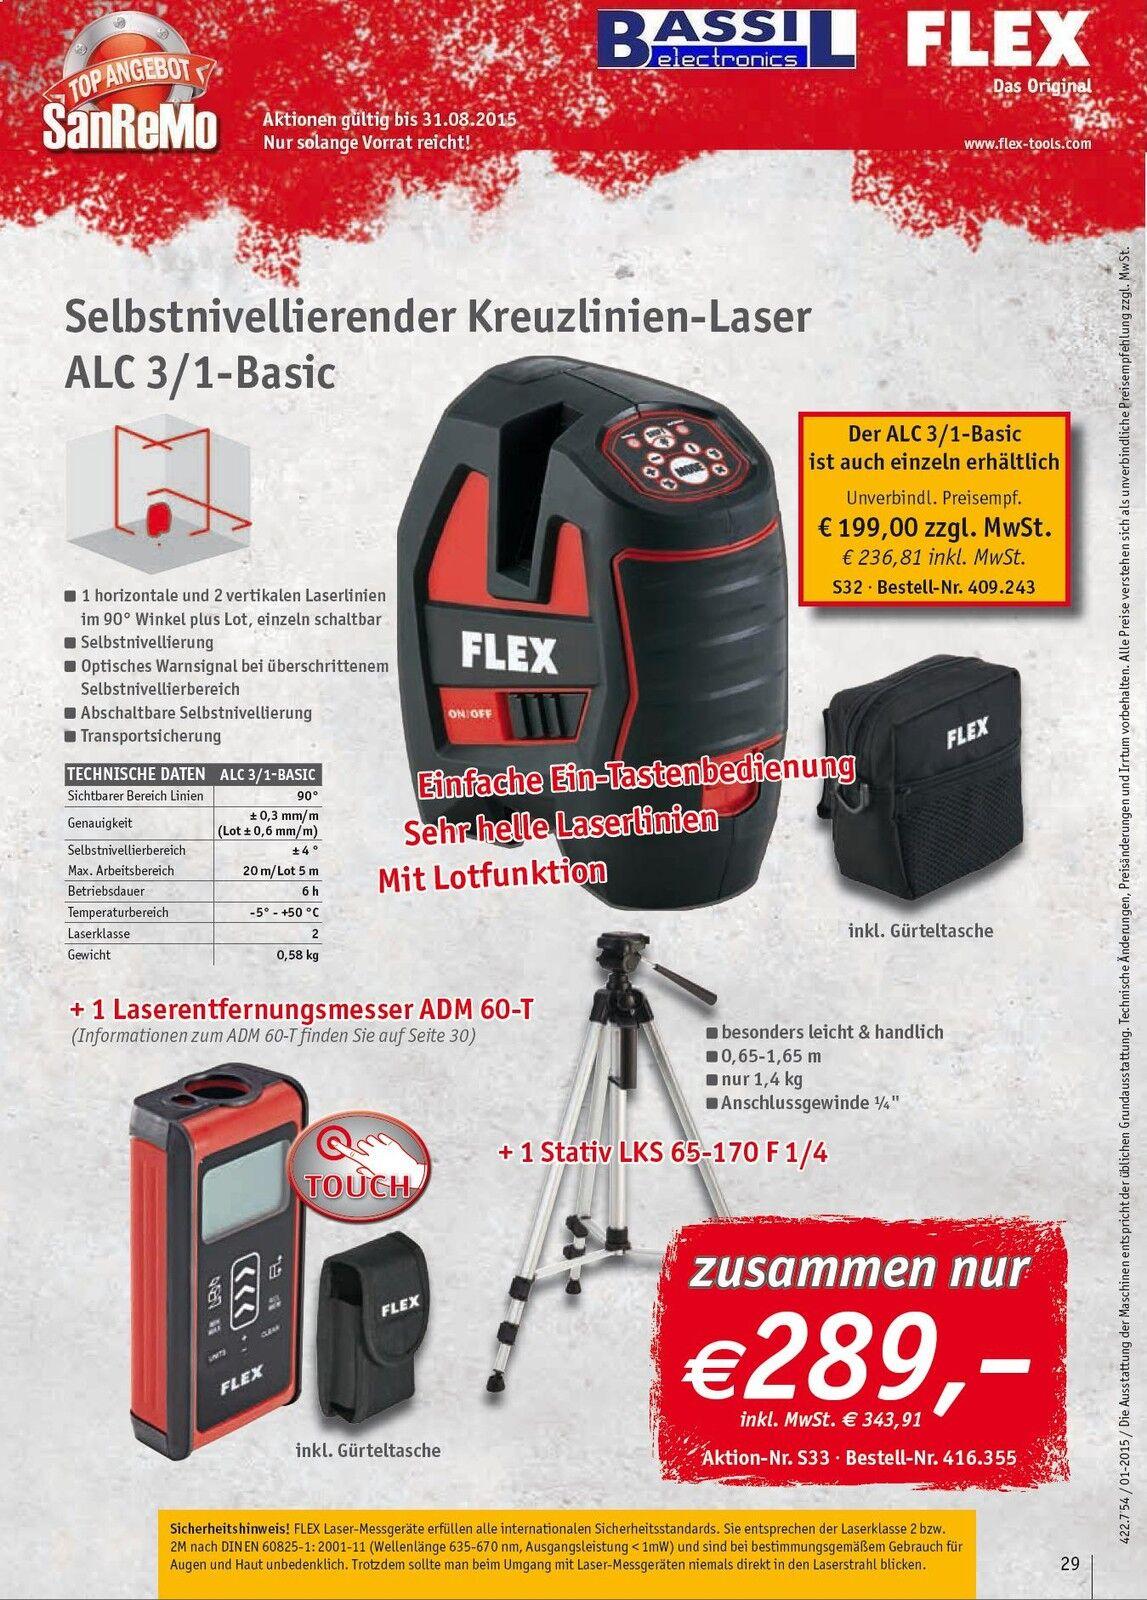 Flex Selbstnivellierender Kreuzlinien-Laser ALC 3 1+Laserentfernungsmesser ADM 6